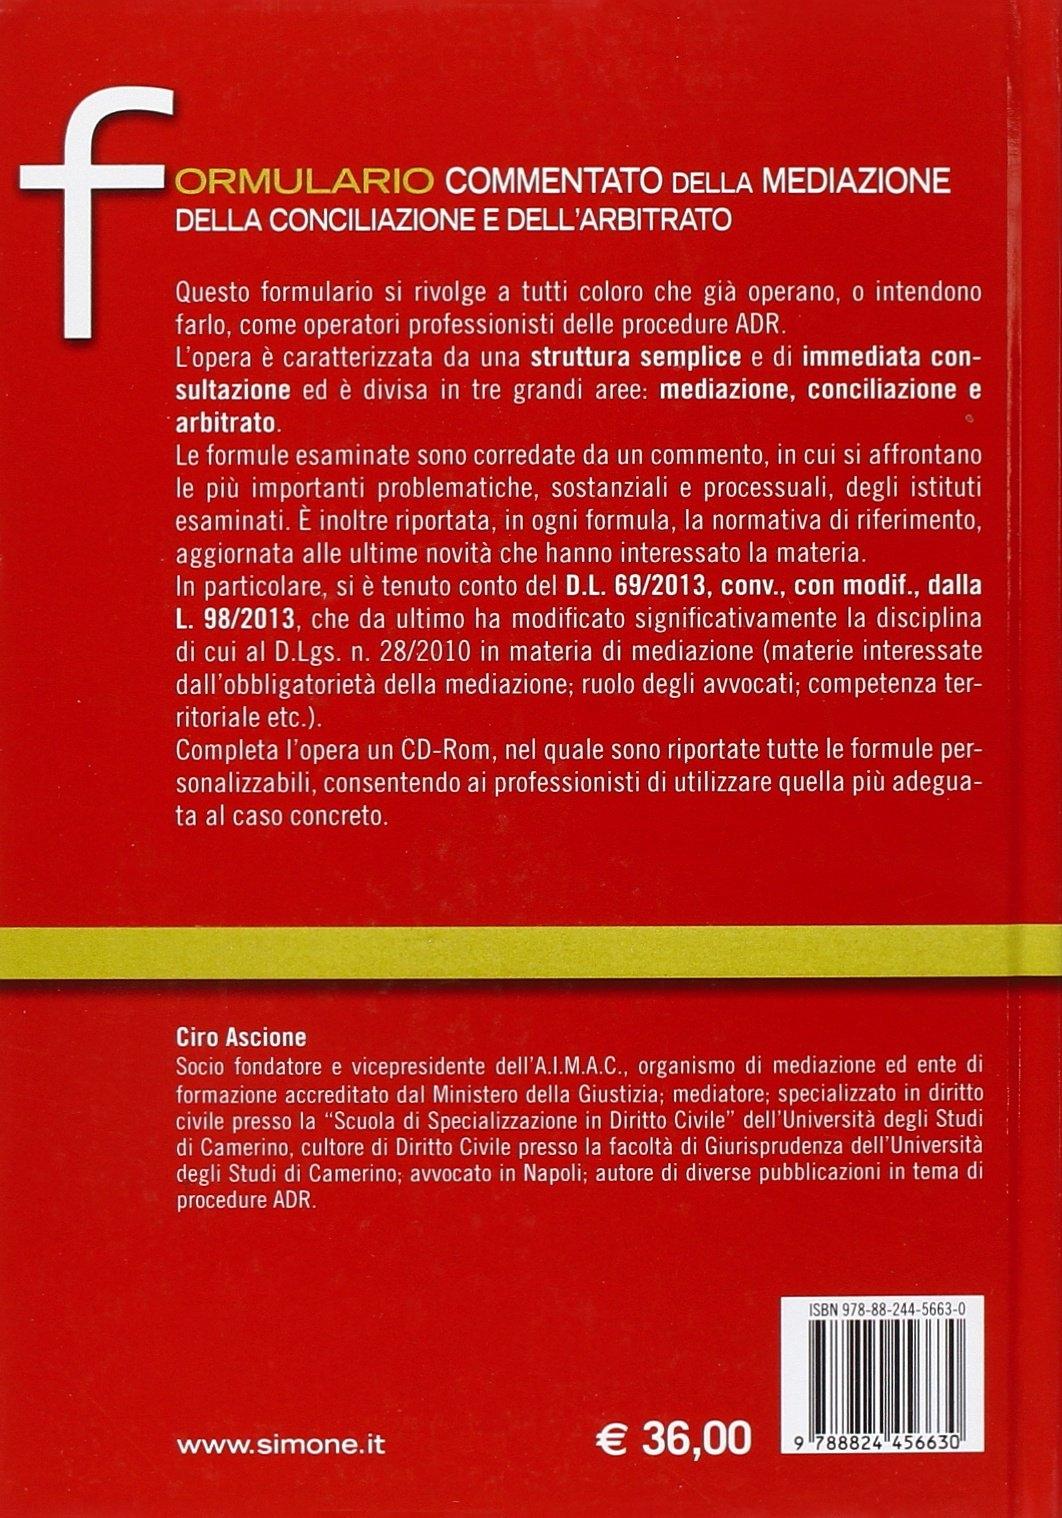 Formulario commentato della mediazione della conciliazione e dell'arbitrato. Con CD-ROM